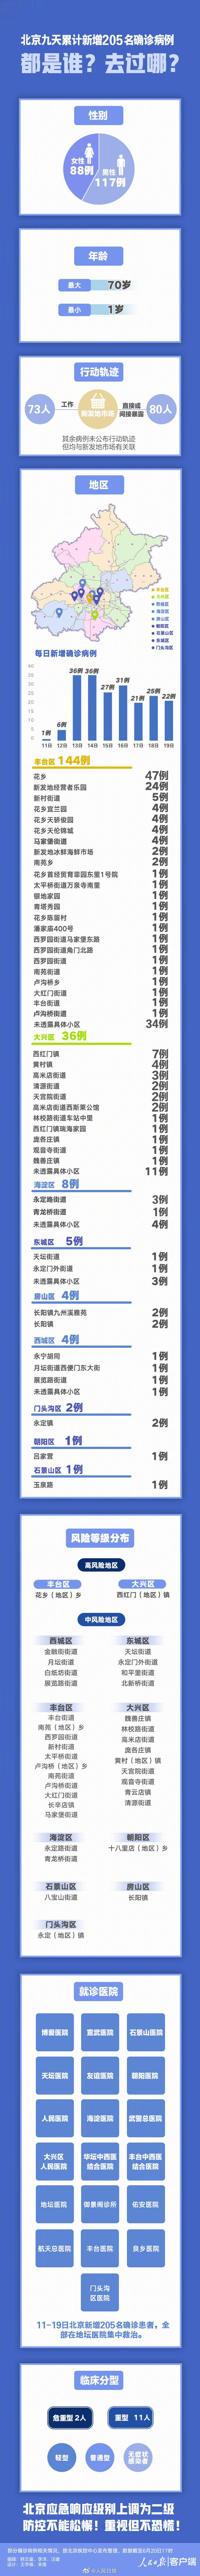 「杏悦娱乐」增205例都是杏悦娱乐谁去过哪图片